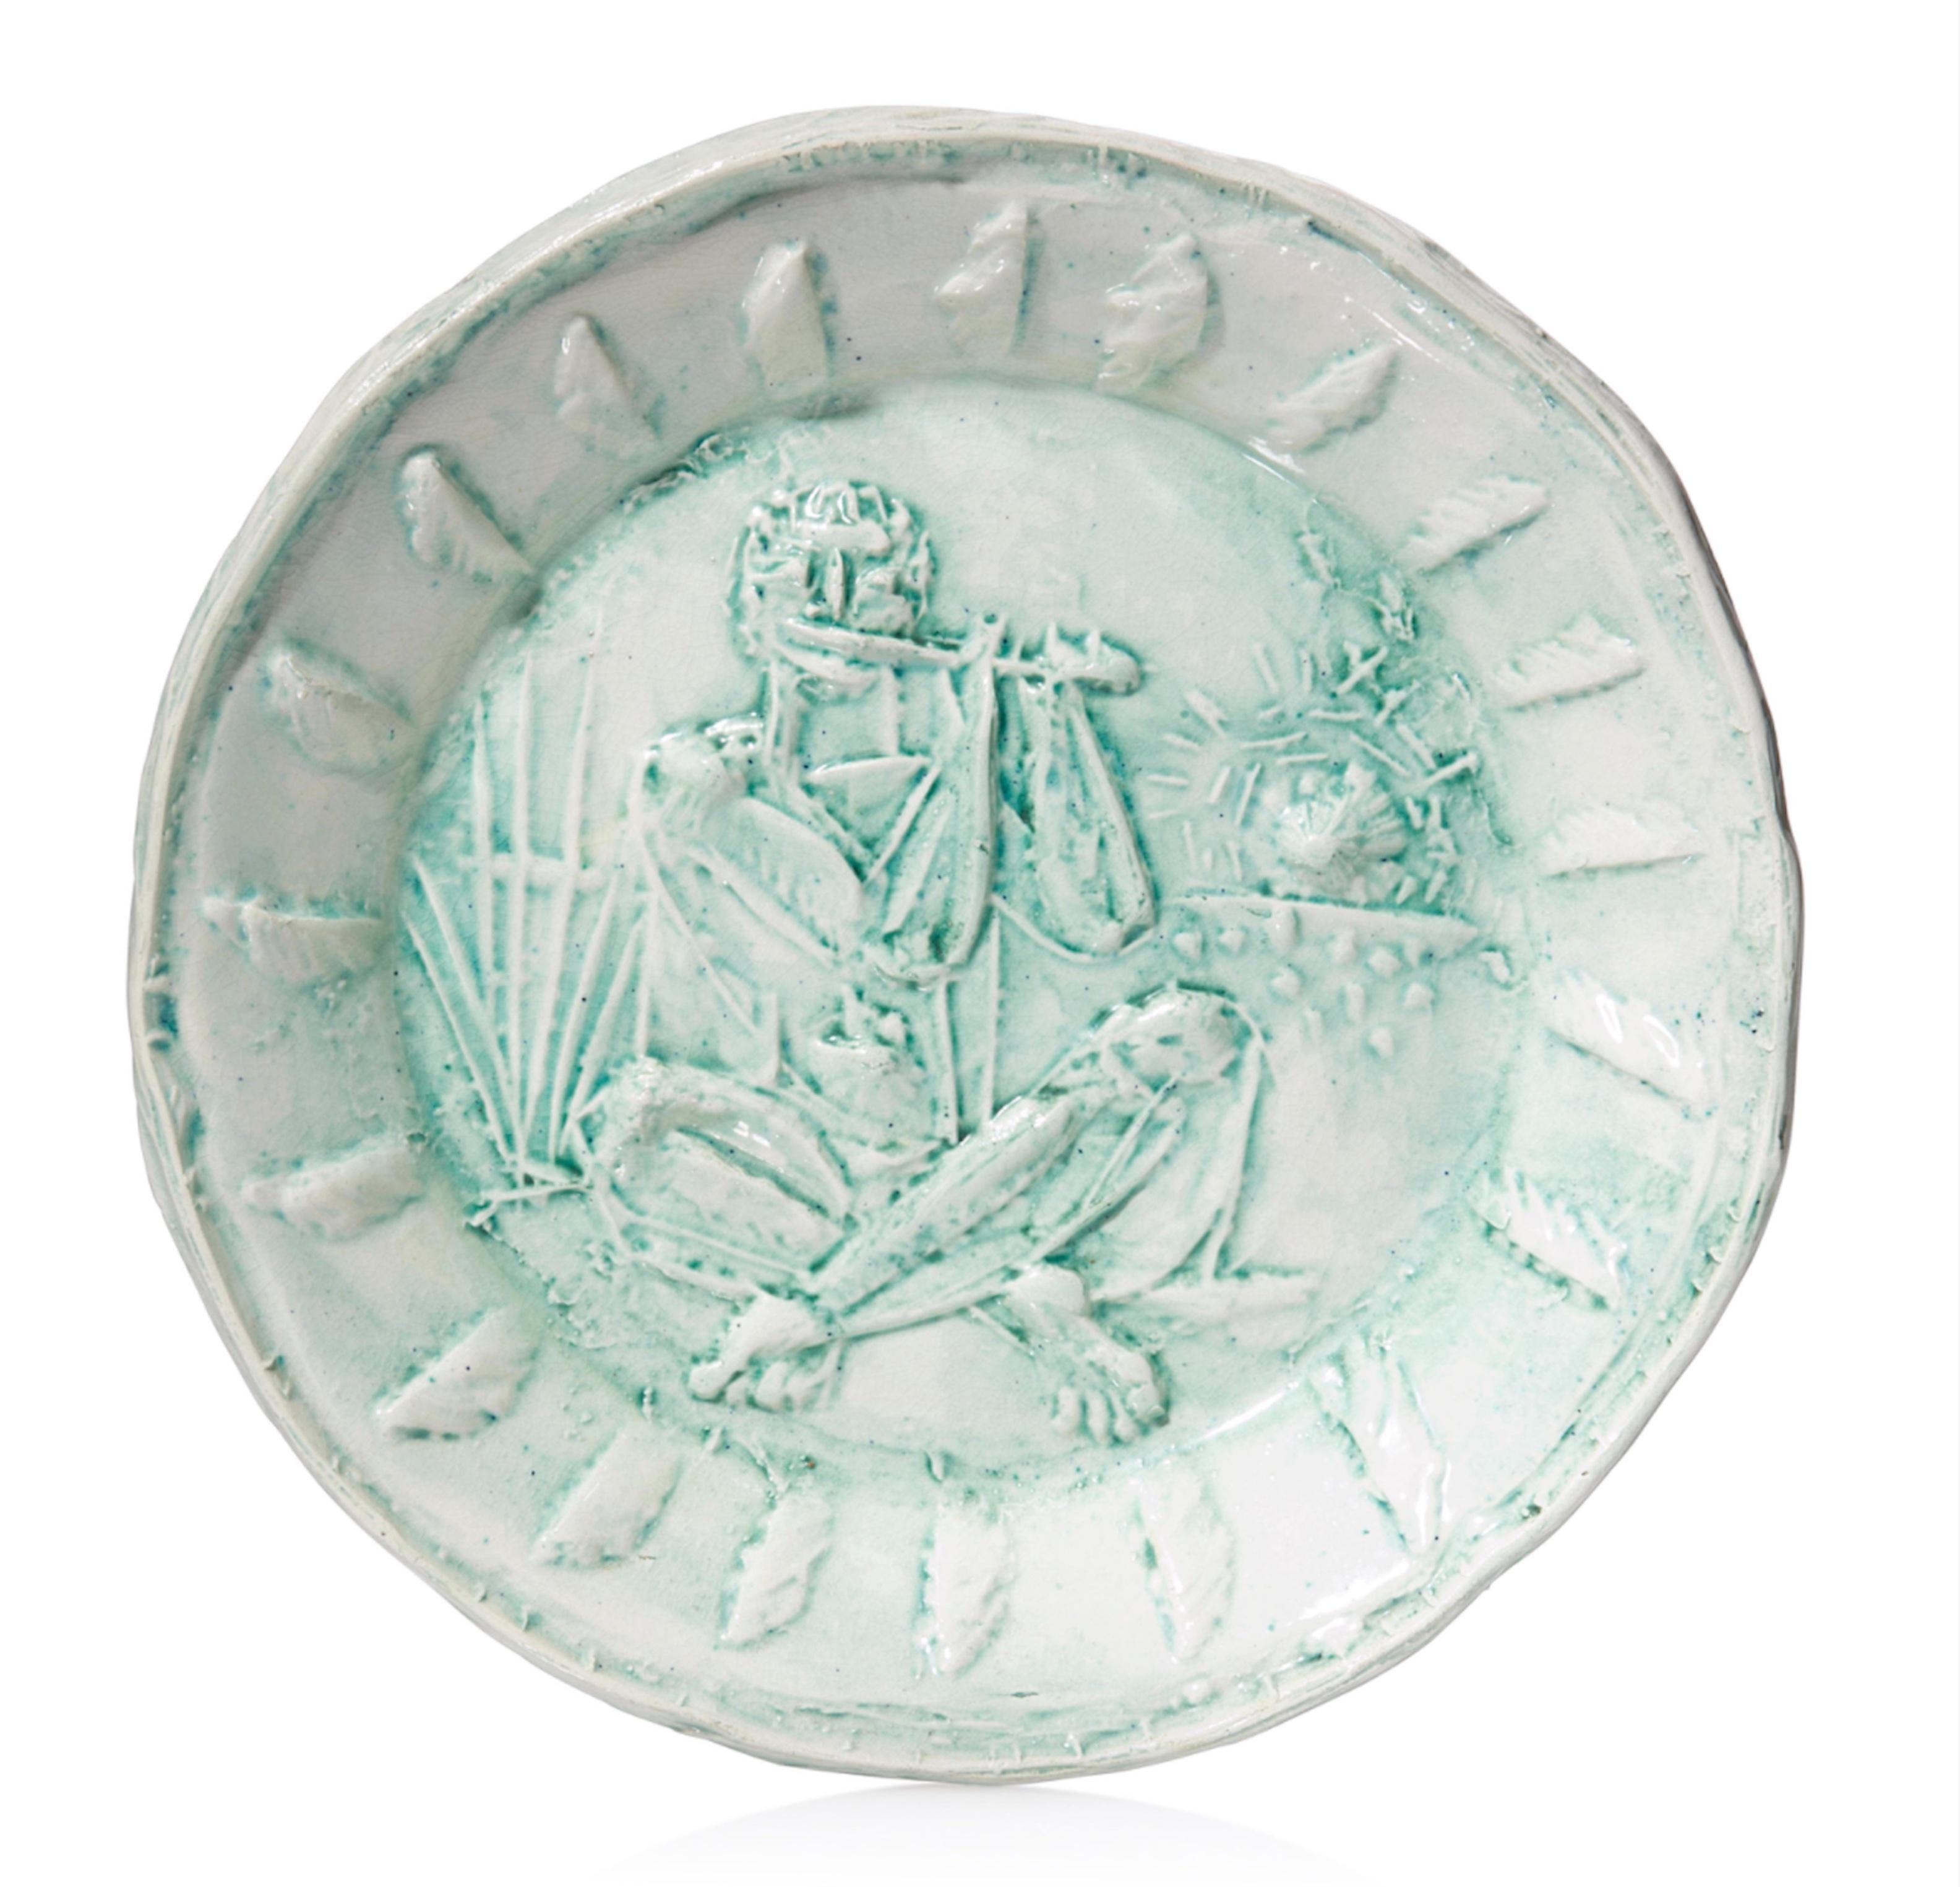 Pablo Picasso Madoura Ceramic Plate 'Joueuer de Flute' Ramié 128